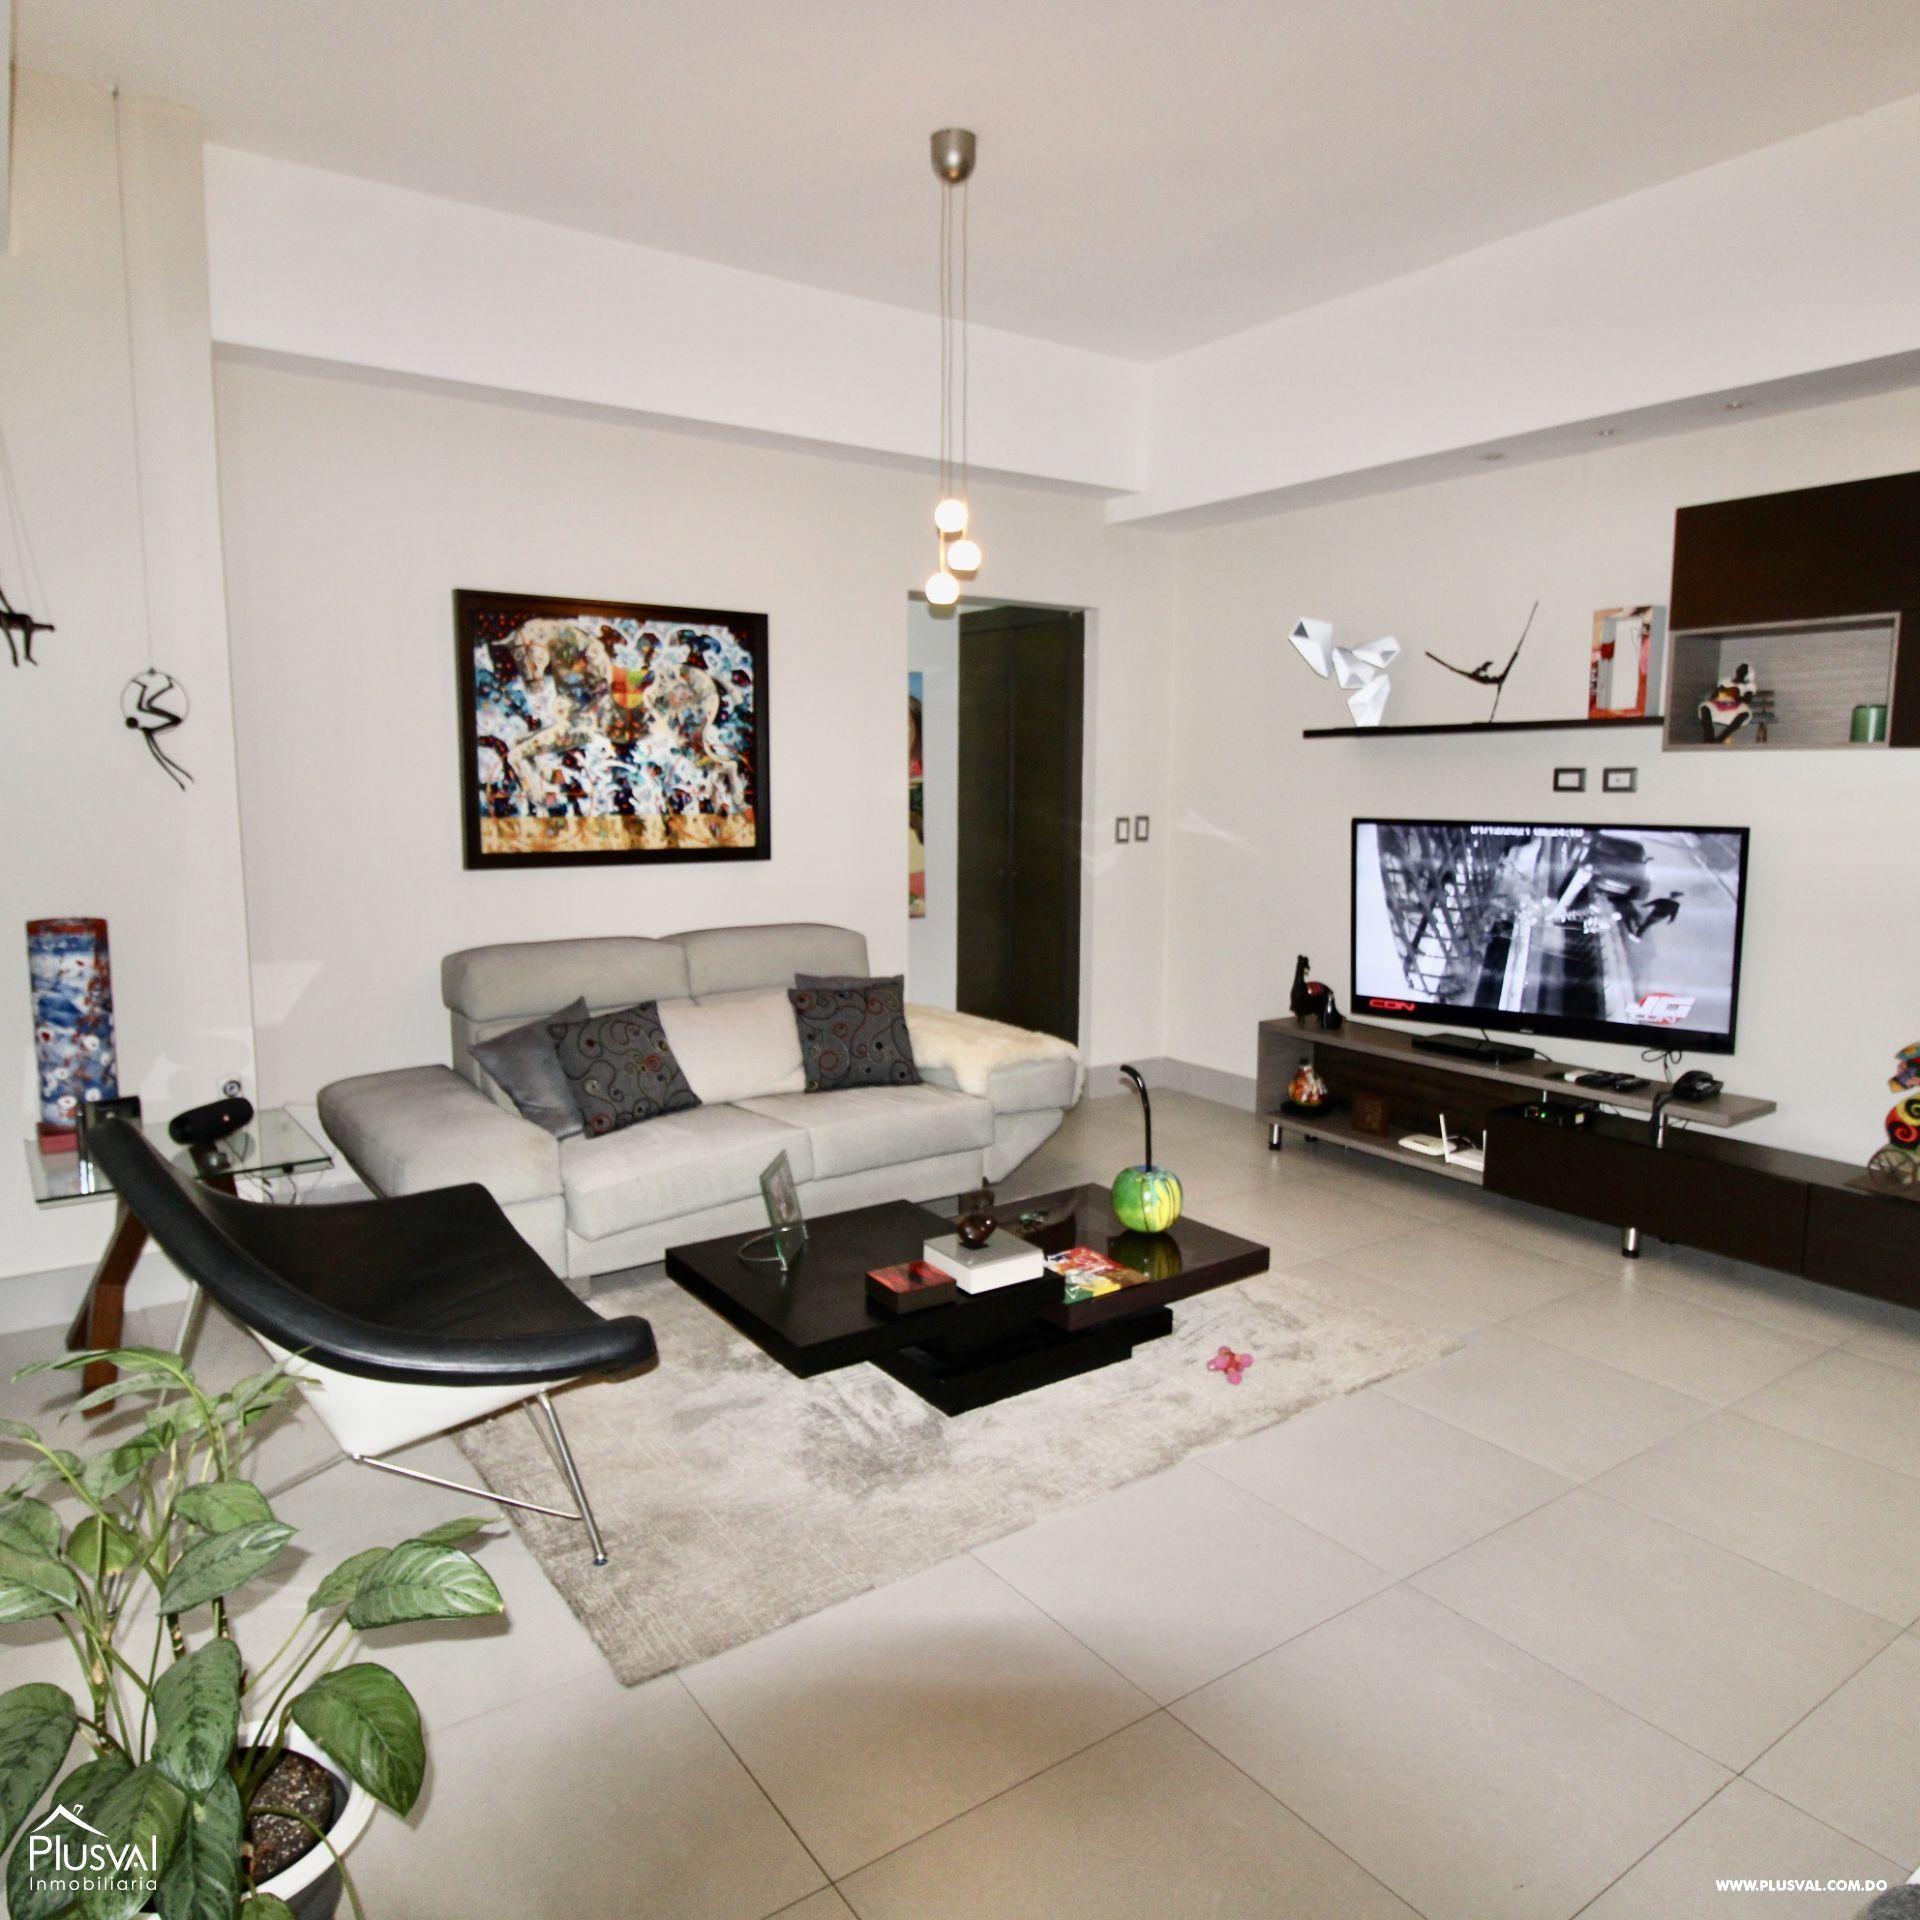 Apartamento en torre de lujo en alquiler amueblado,en el exclusivo sector de Piantini